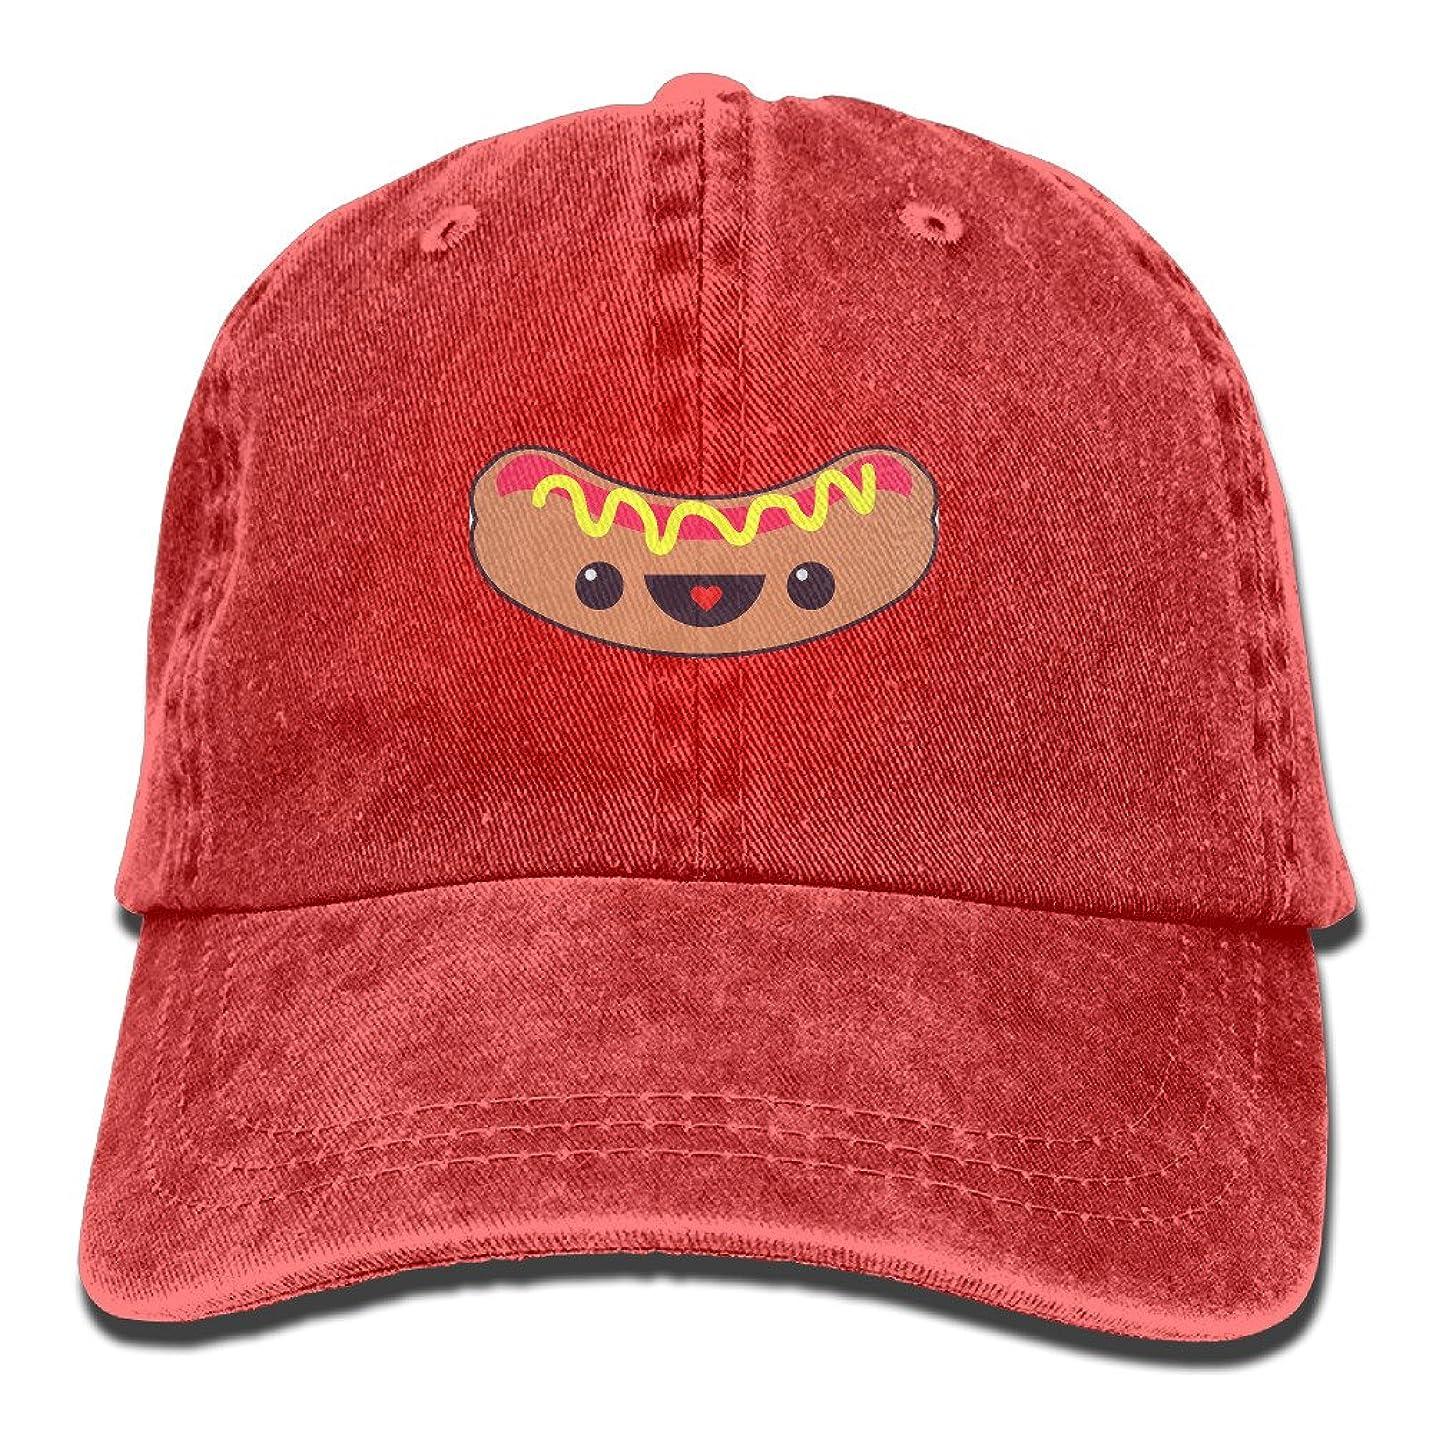 相談芸術的隙間Alility Caps HAT レディース メンズ